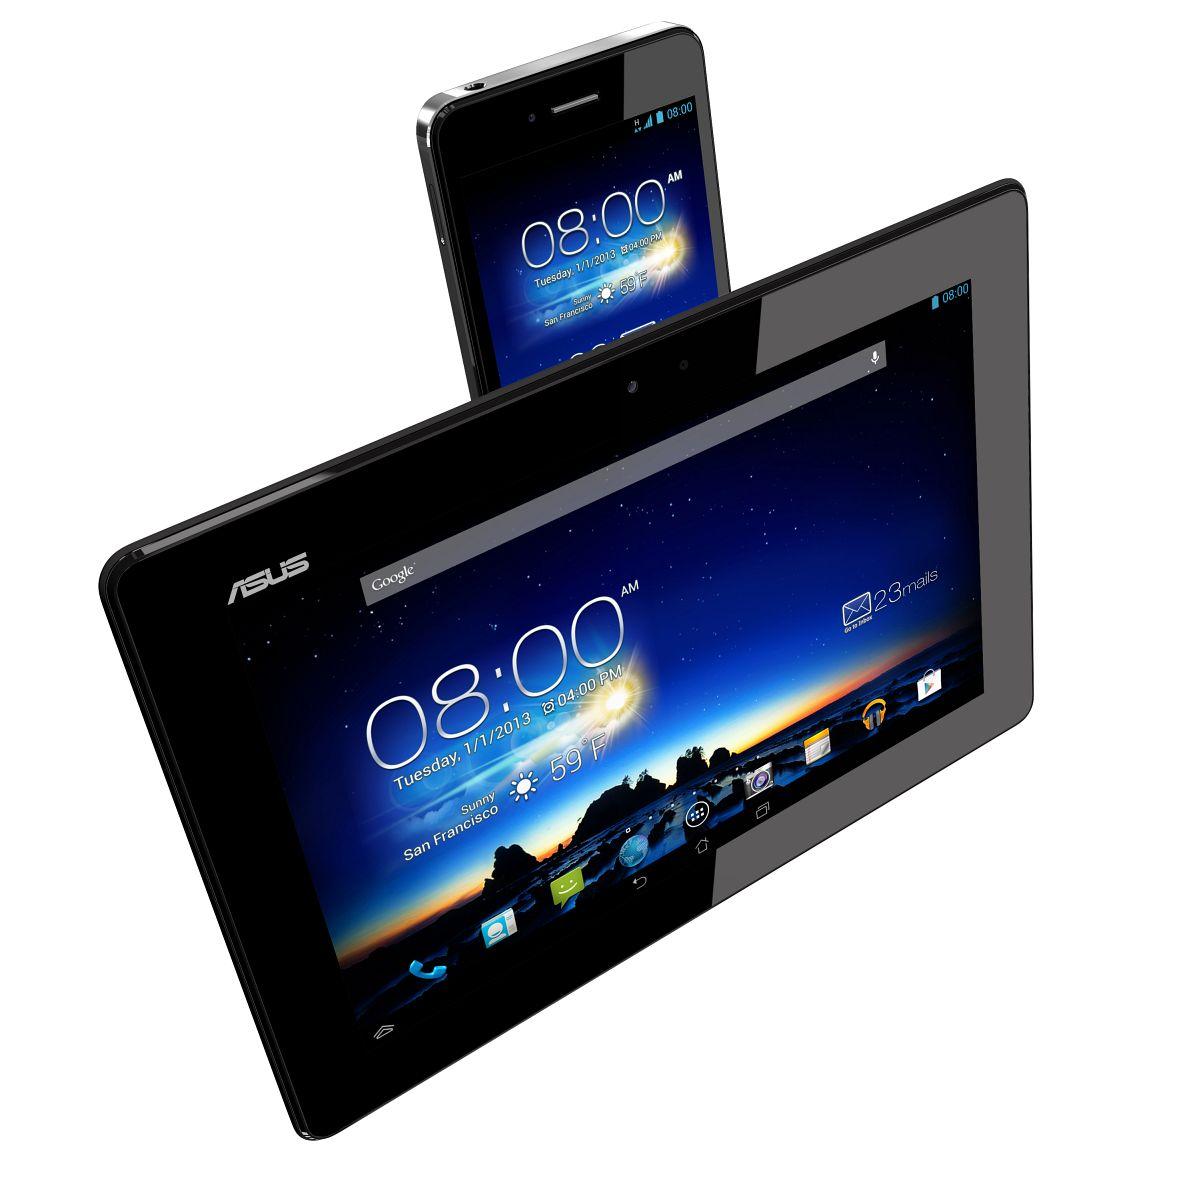 Asus Padfone Infinity: Luxus-Smartphone mit äußerst moderner Ausstattung - Padfone Infinity (Bild: Asus)